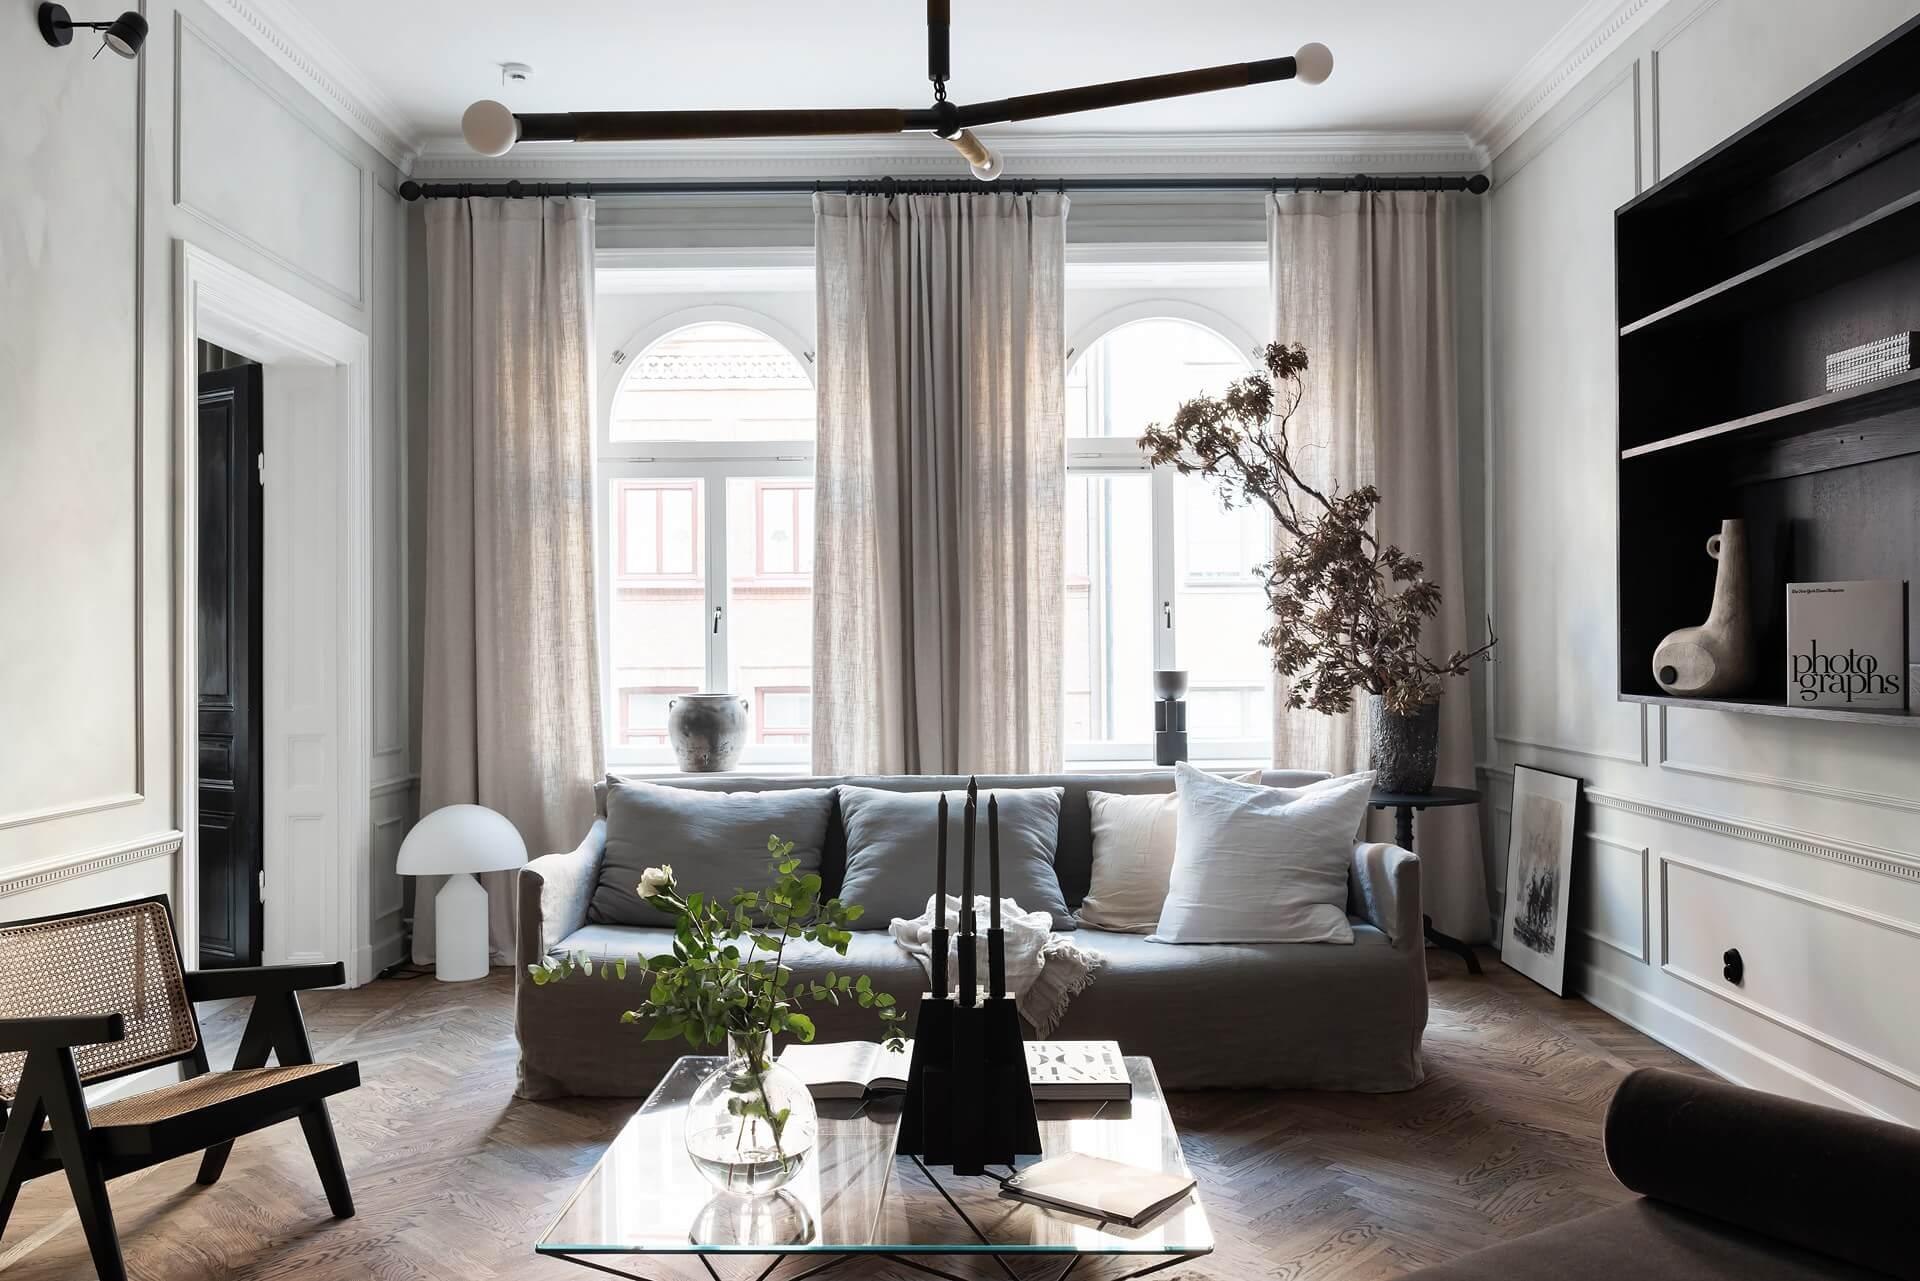 Decoration Appartement Haussmannien un appartement empreint d'élégance - frenchy fancy